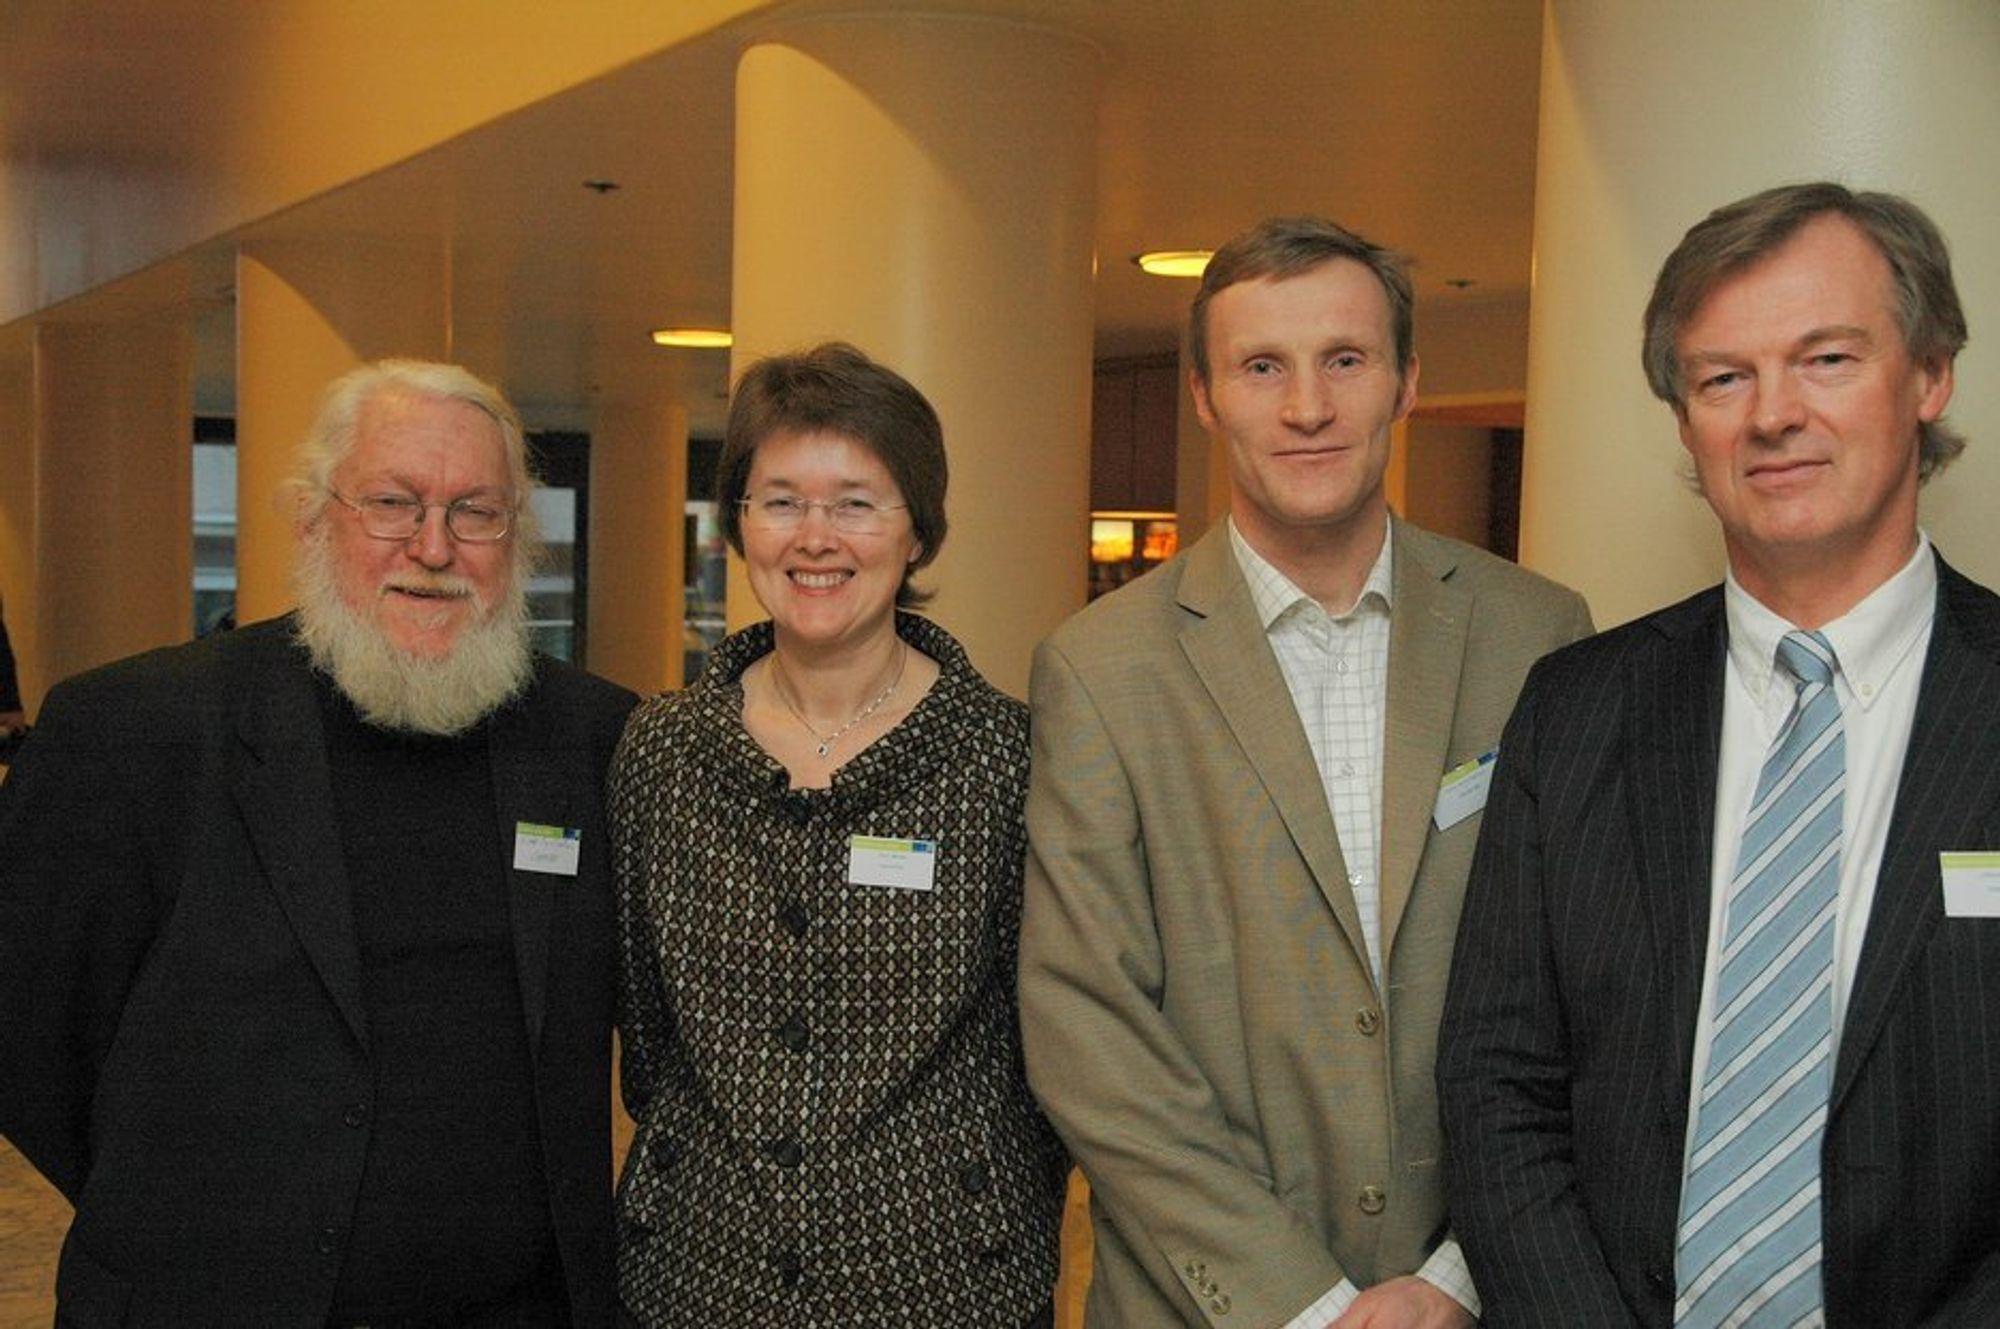 Energigründerprisen 2008 gikk til Cambi med Odd Egil Solheim, Merete Norli, Per A. Lillebø og Hans Rasmus Holte i spisen.